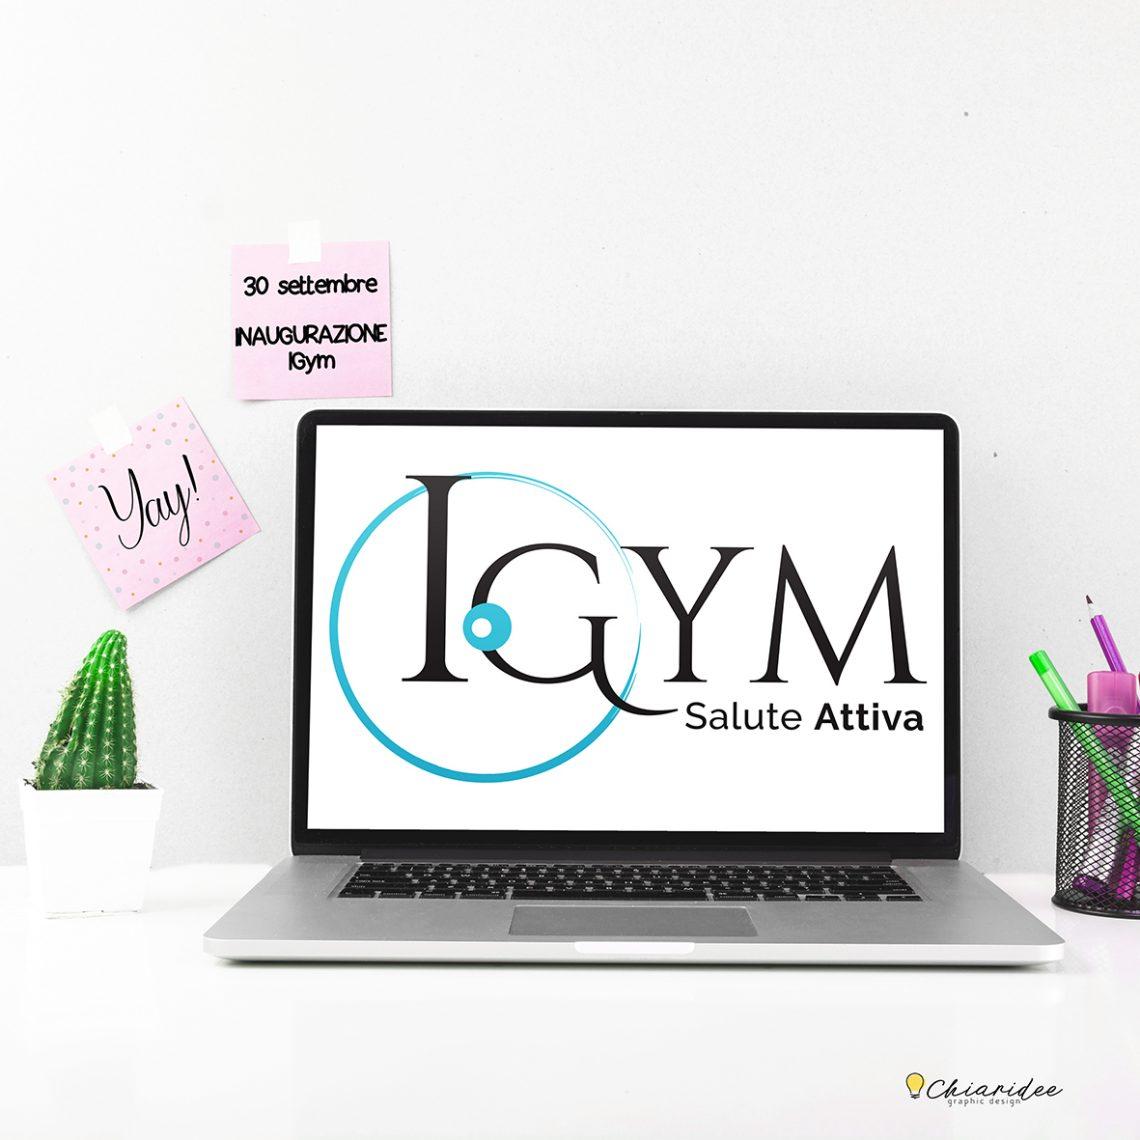 logo Igym